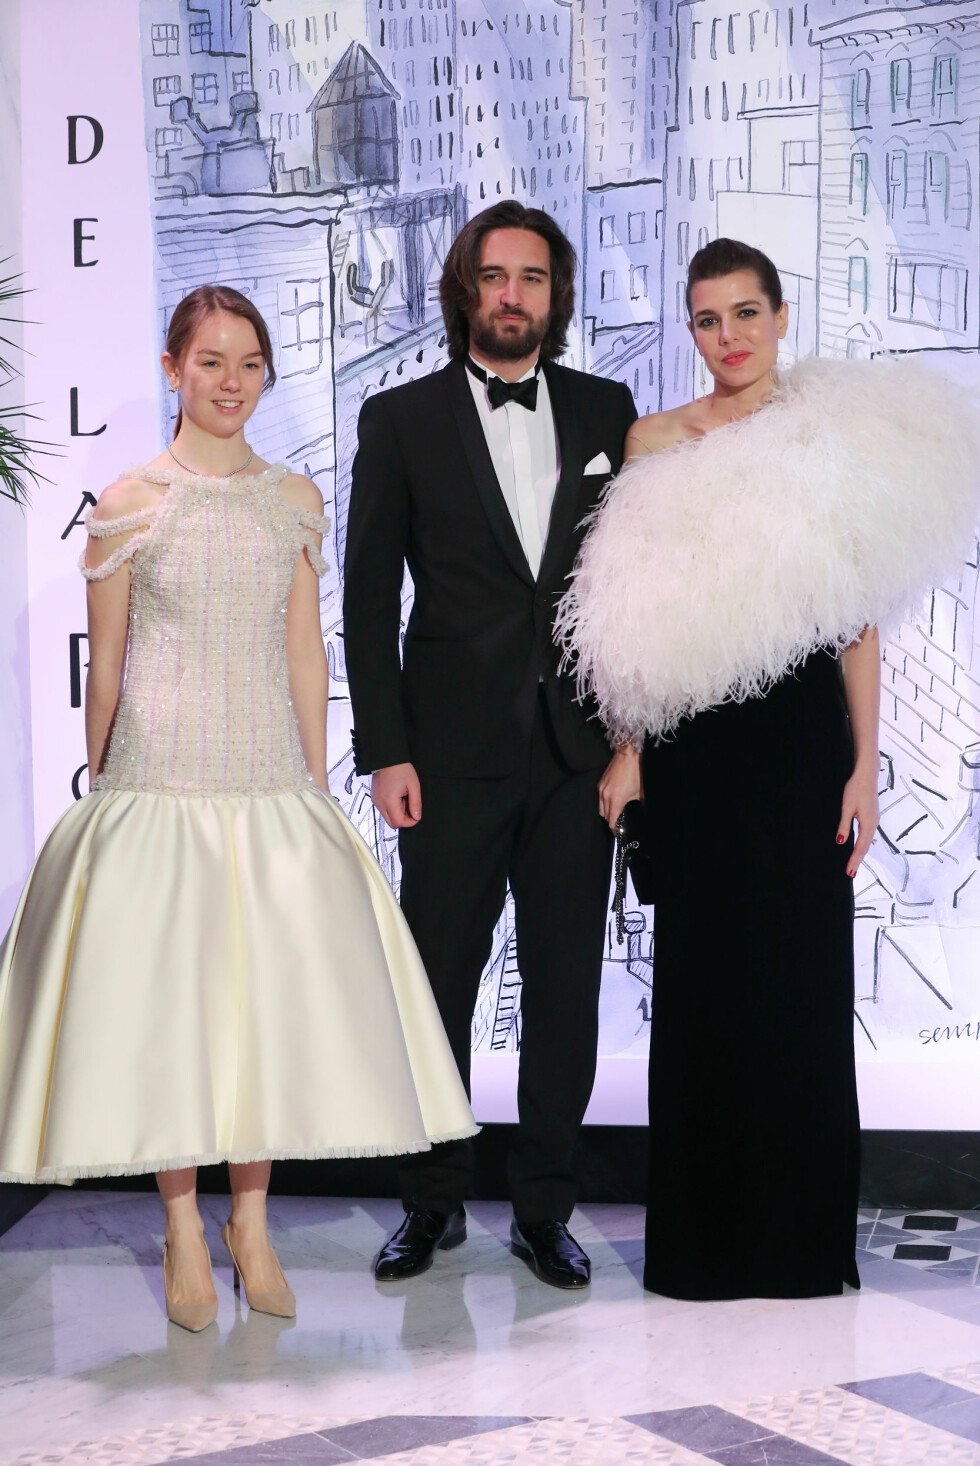 PÅ ROSEBALL: Dimitri Rassam var invitert til det tradisjonsrike Roseballet i Monaco i slutten av mars. Her med Charlottes halvsøster prinsesse Alexandra av Hanover. FOTO: NTB Scanpix